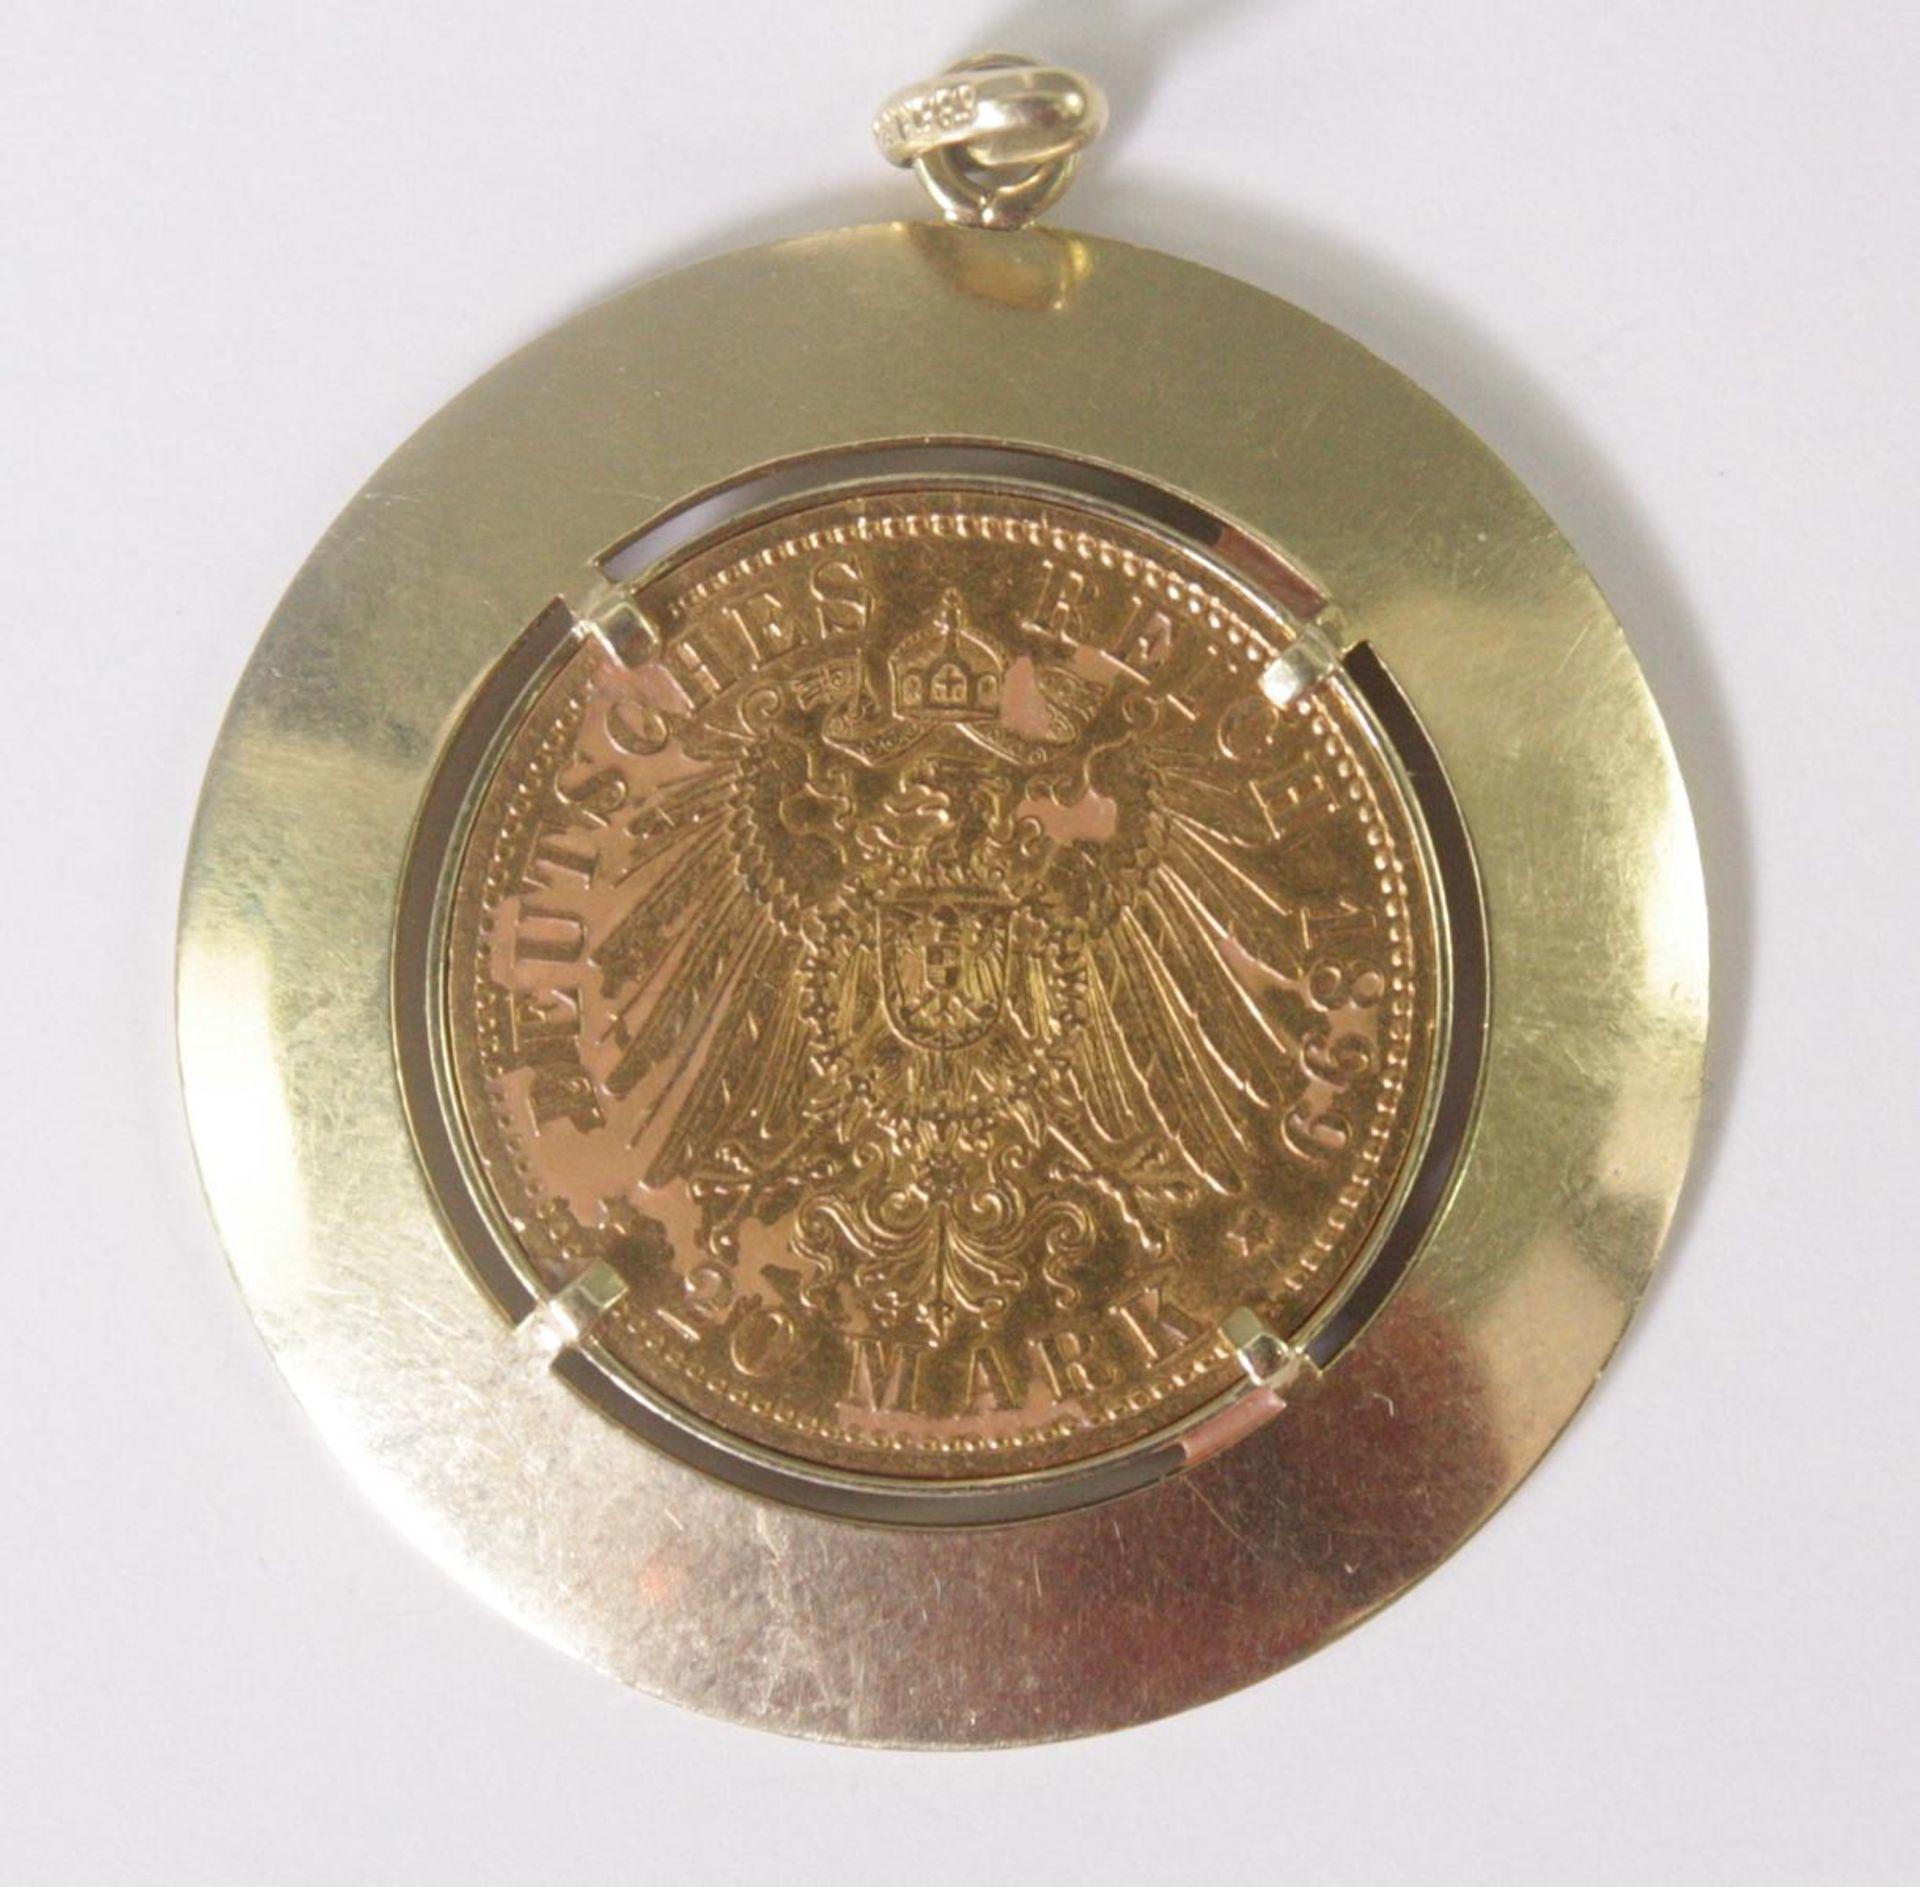 Anhänger mit 20 Mark Münze 1899 A - Bild 2 aus 2